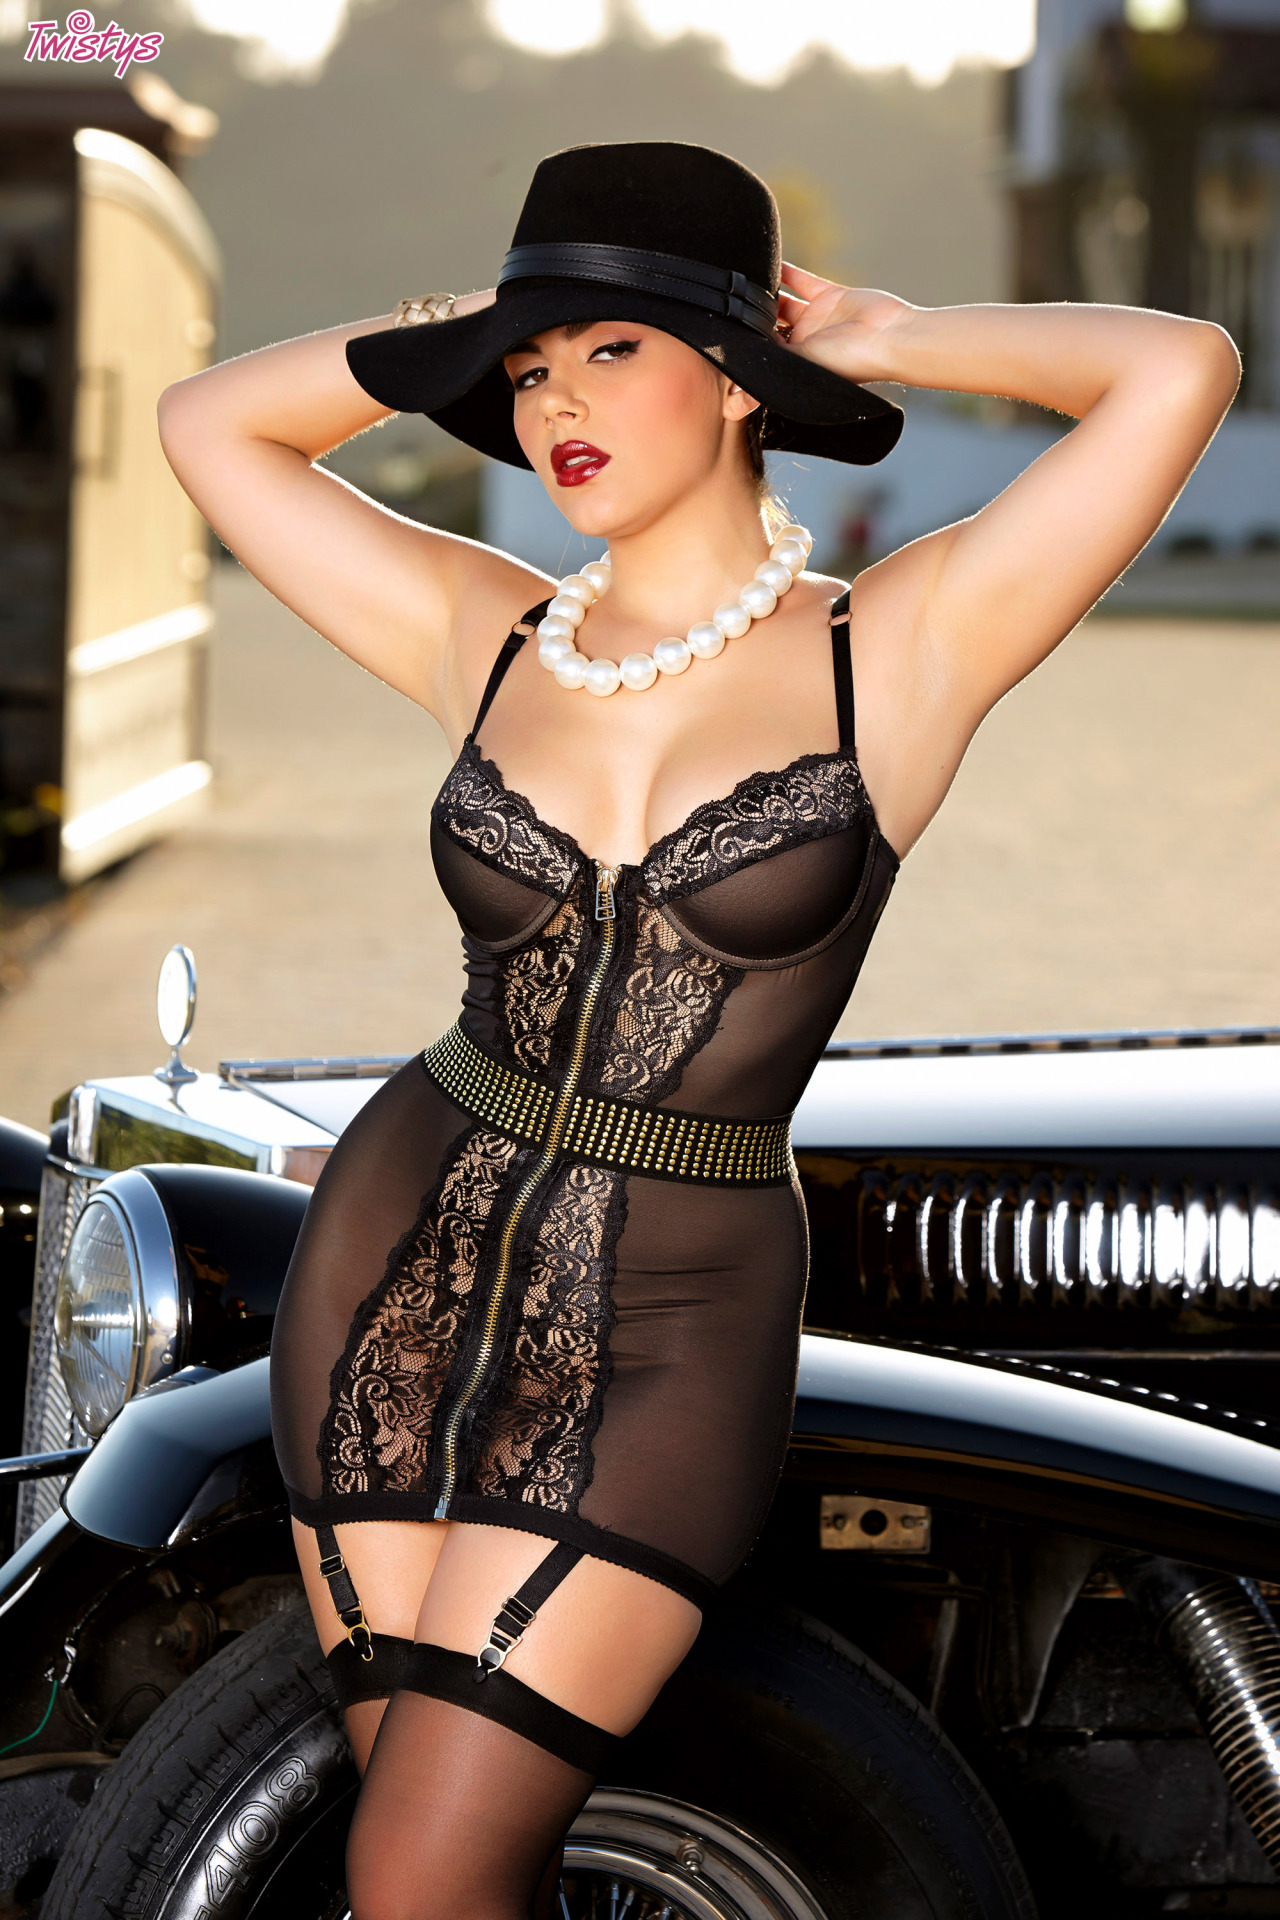 Valentina Nappi For Twistys 3